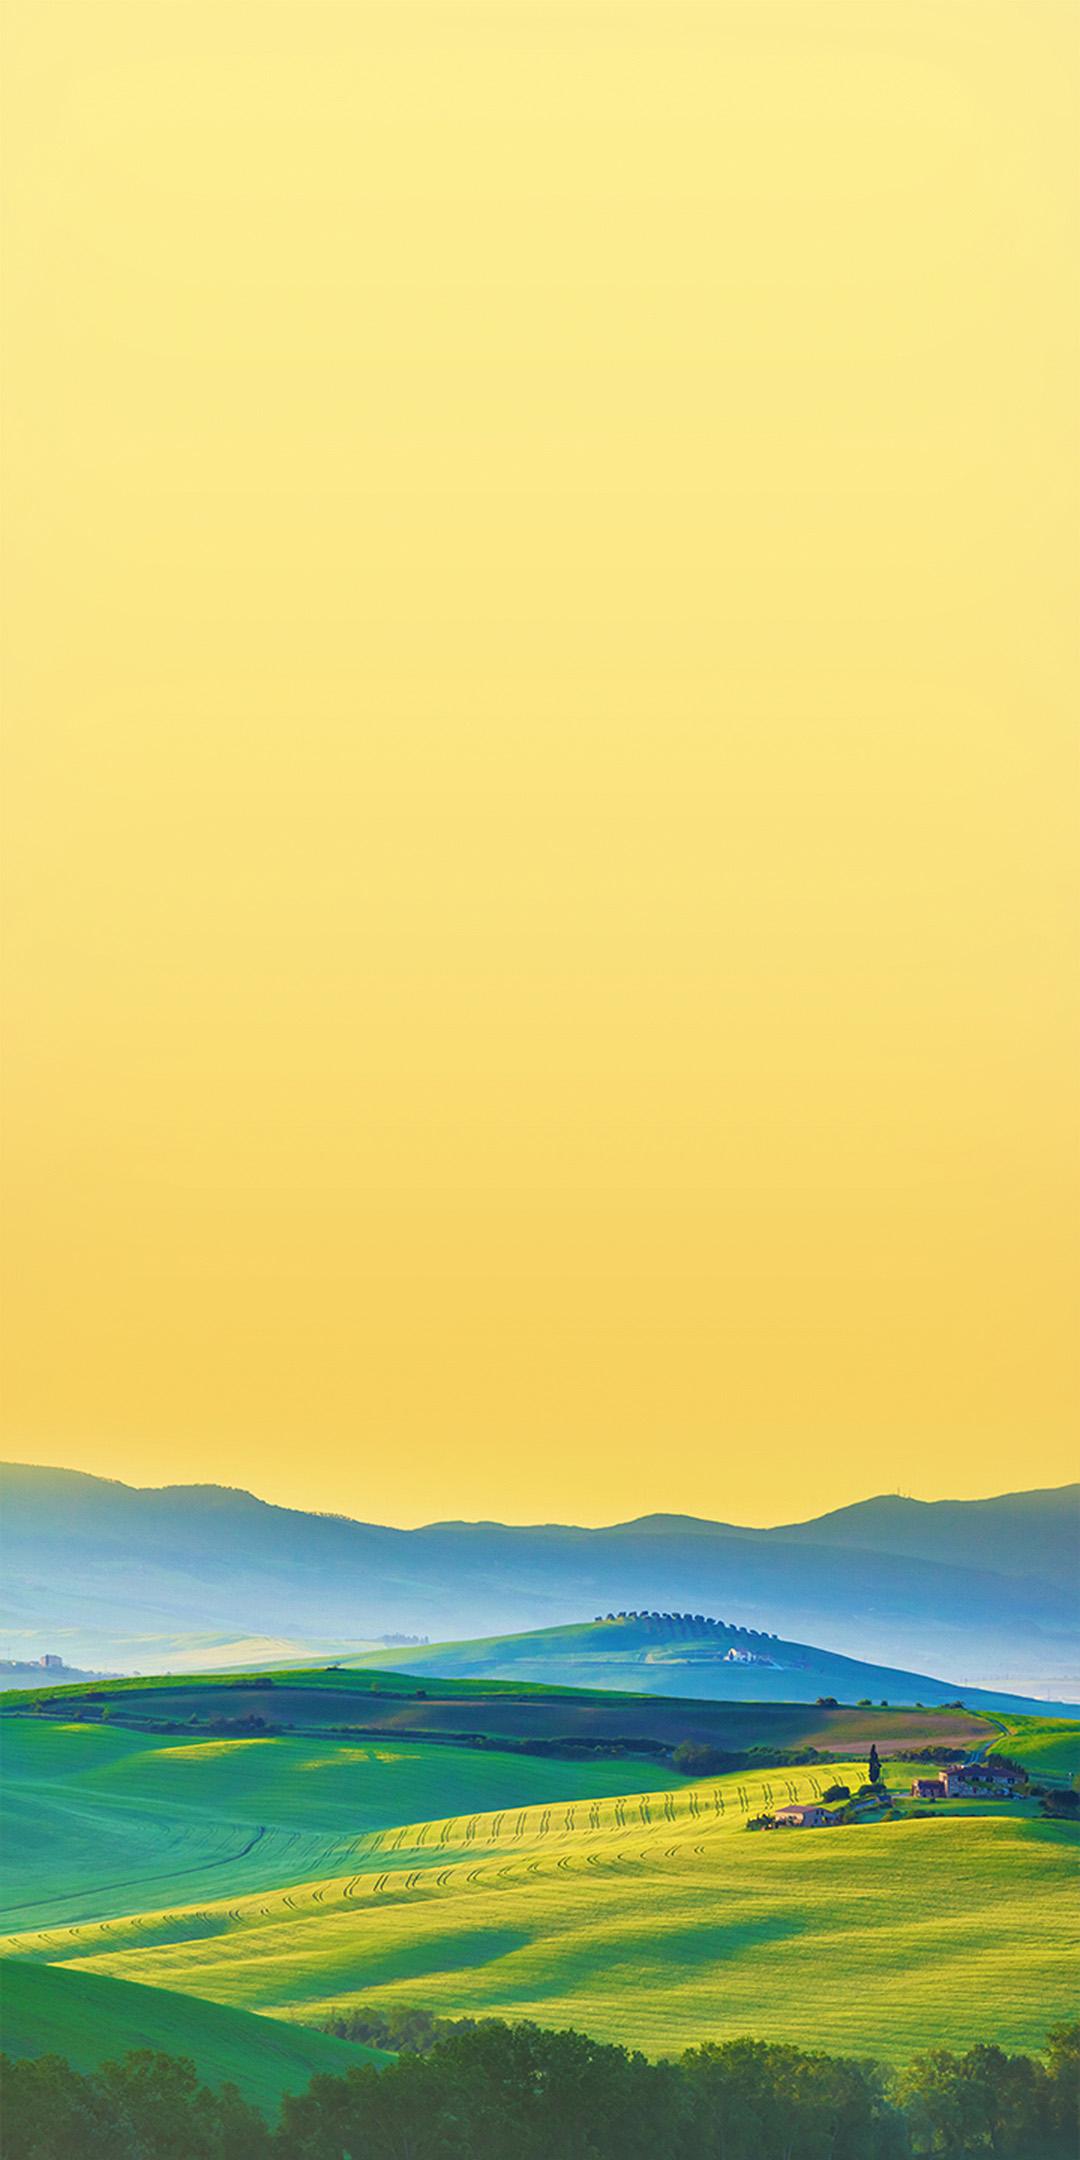 LG Q6 Stock Wallpaper 14 - [1080x2160]